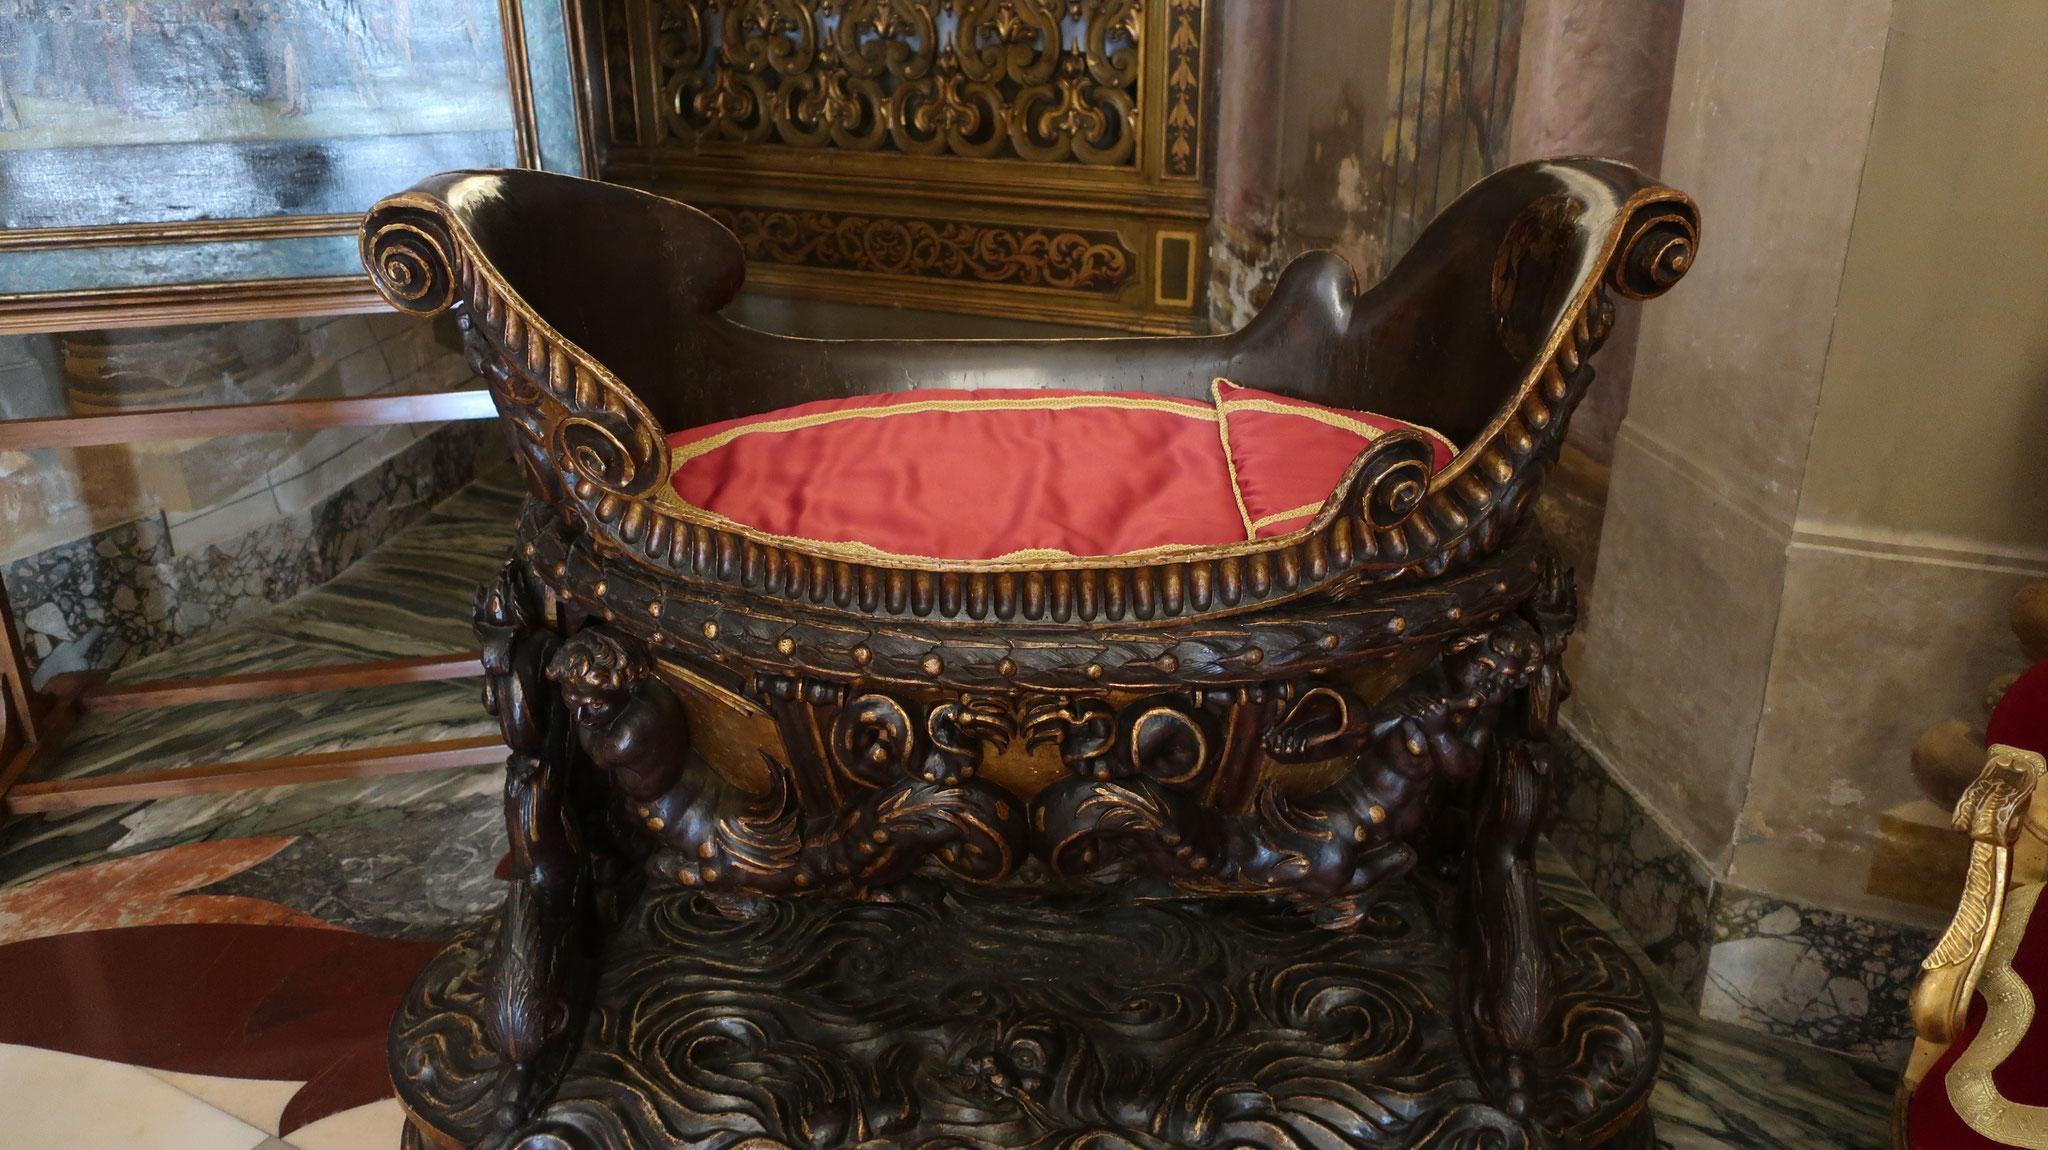 木製揺りかご。17世紀、フィリッポ・コロンナ2世誕生に際して制作。浮き彫りが施され、金箔が貼られました。